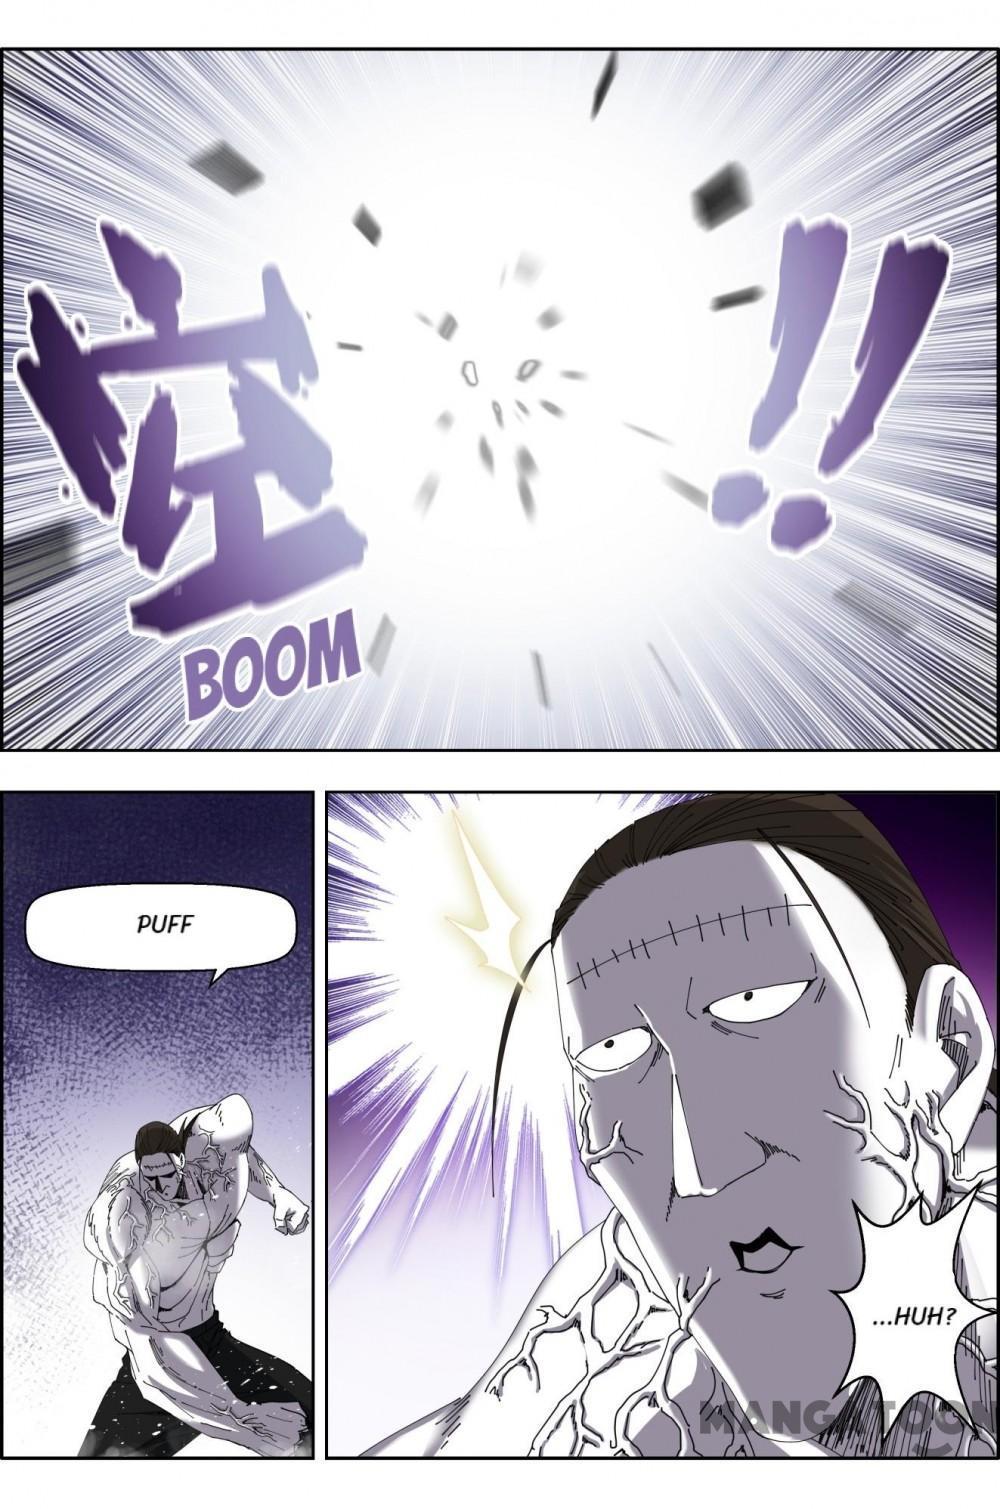 Deception Chapter 89 page 15 - Mangakakalot